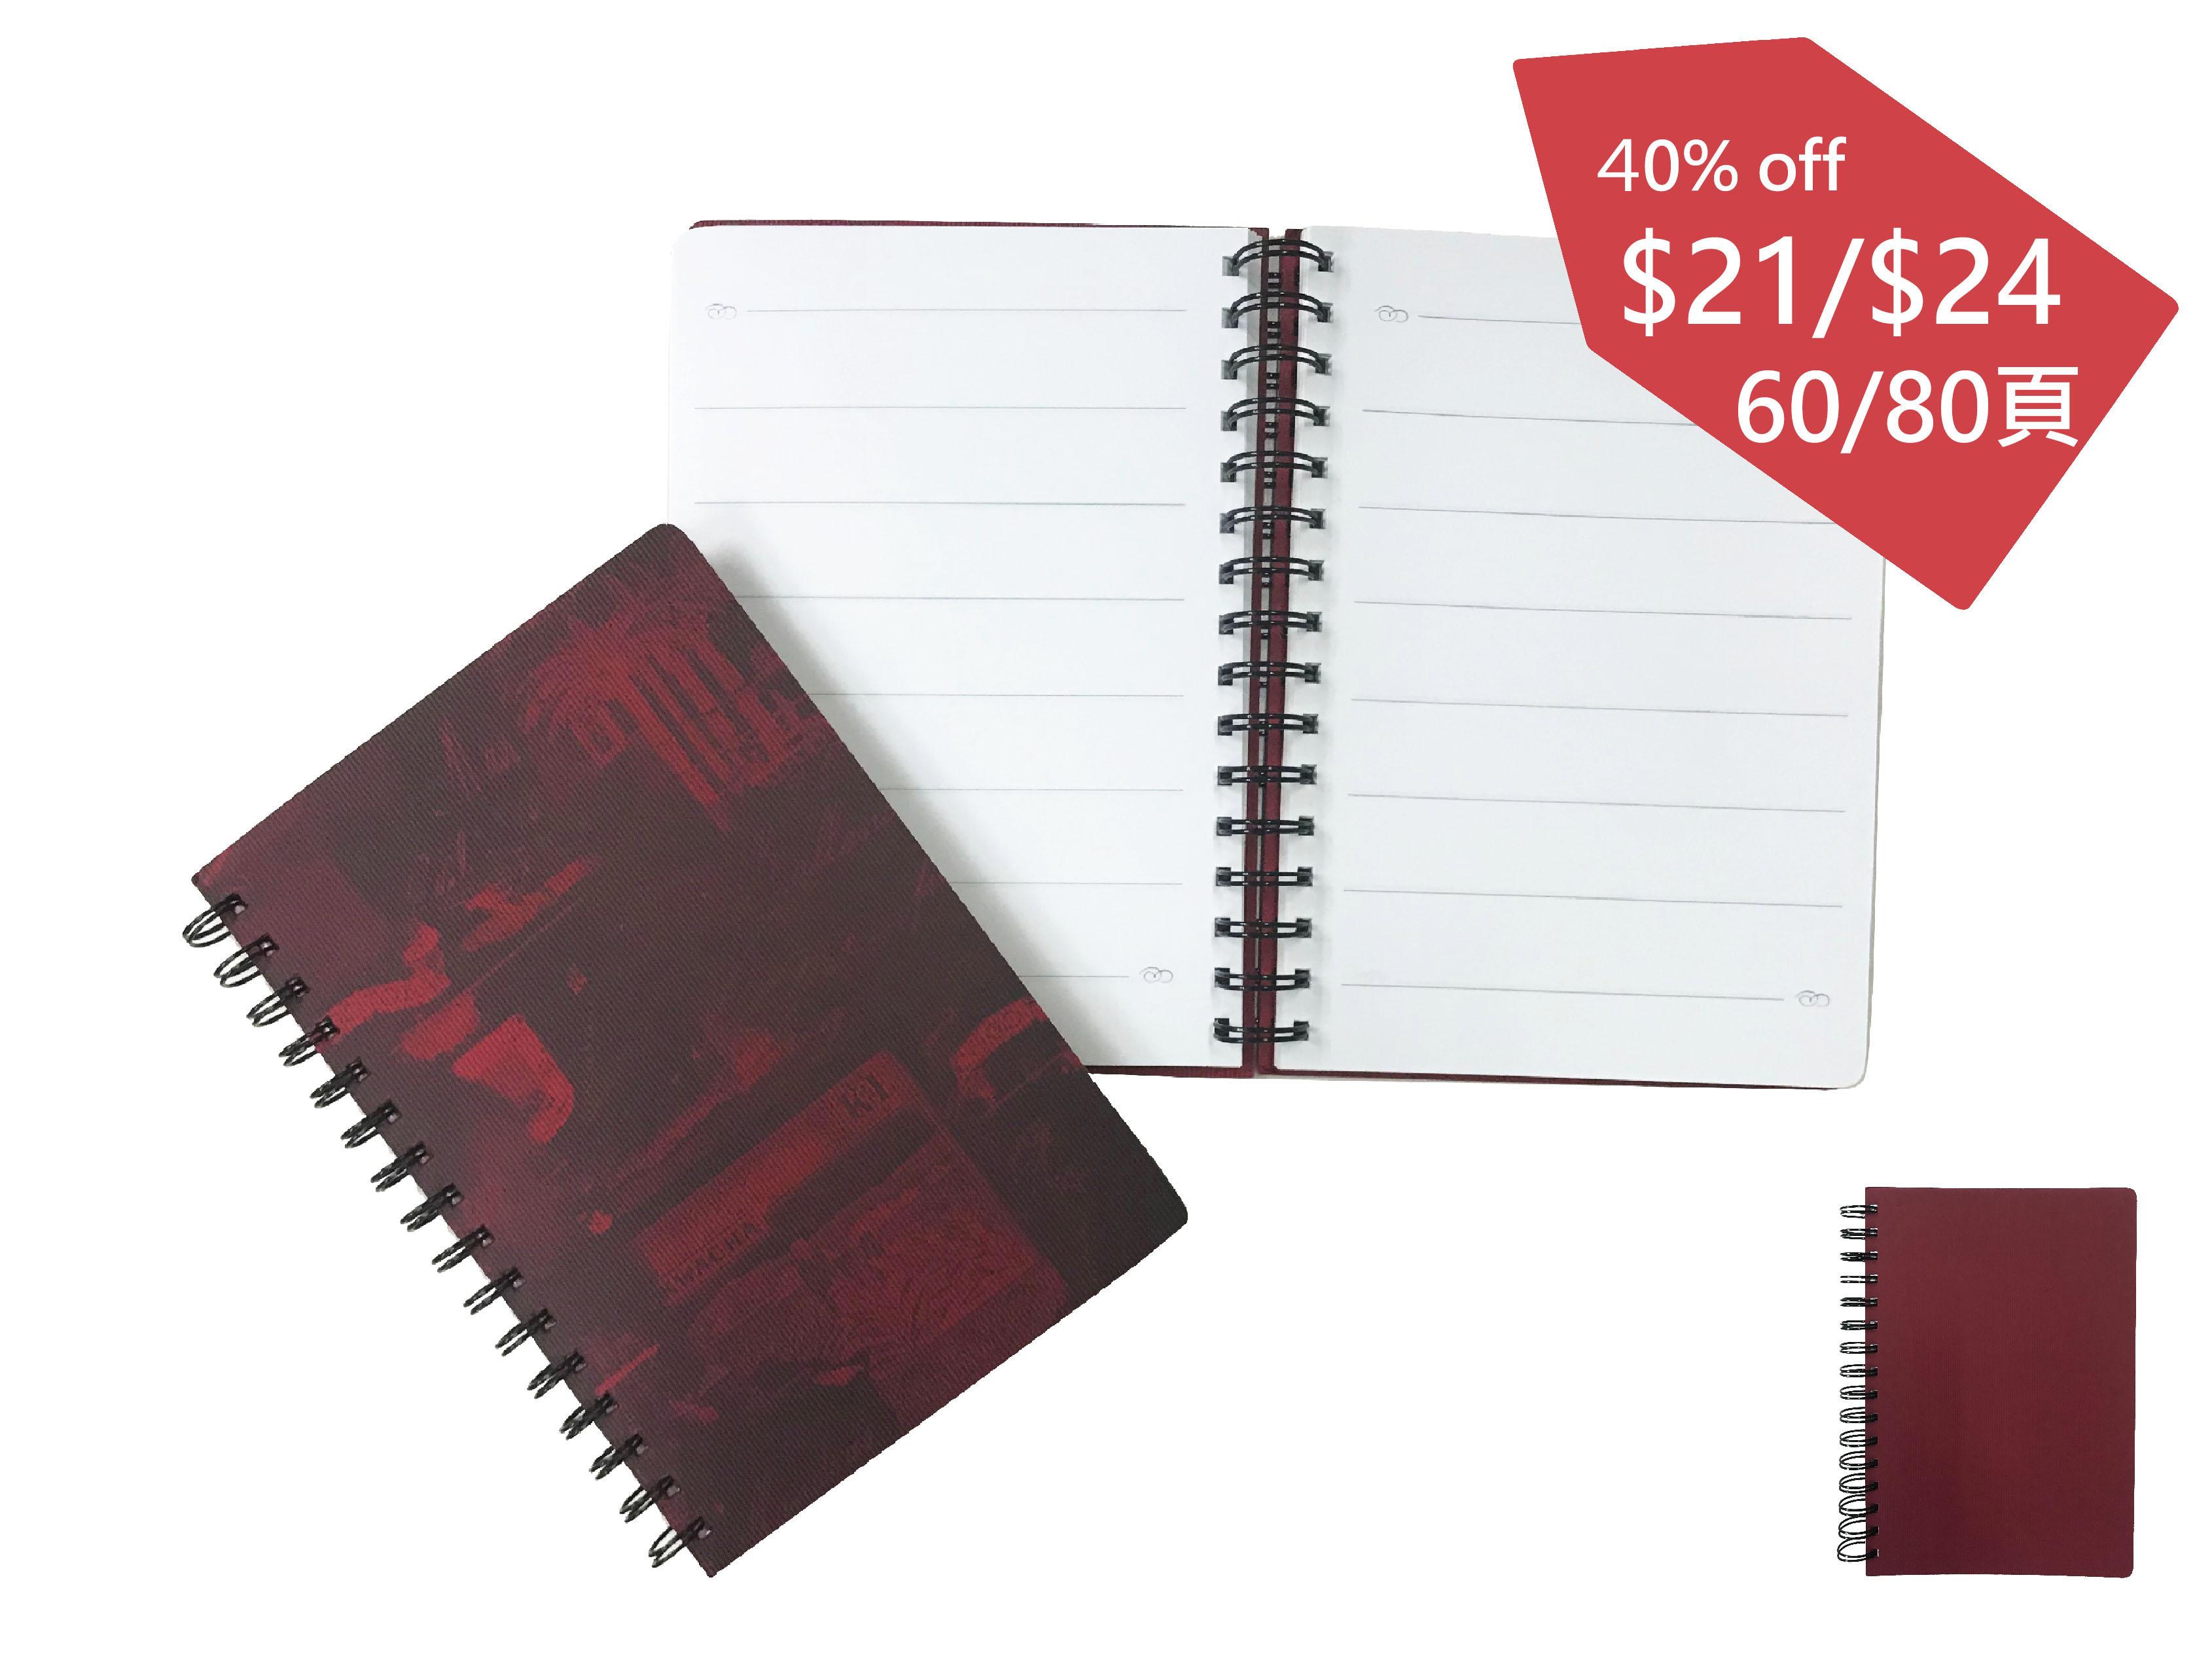 Artpack Notebook